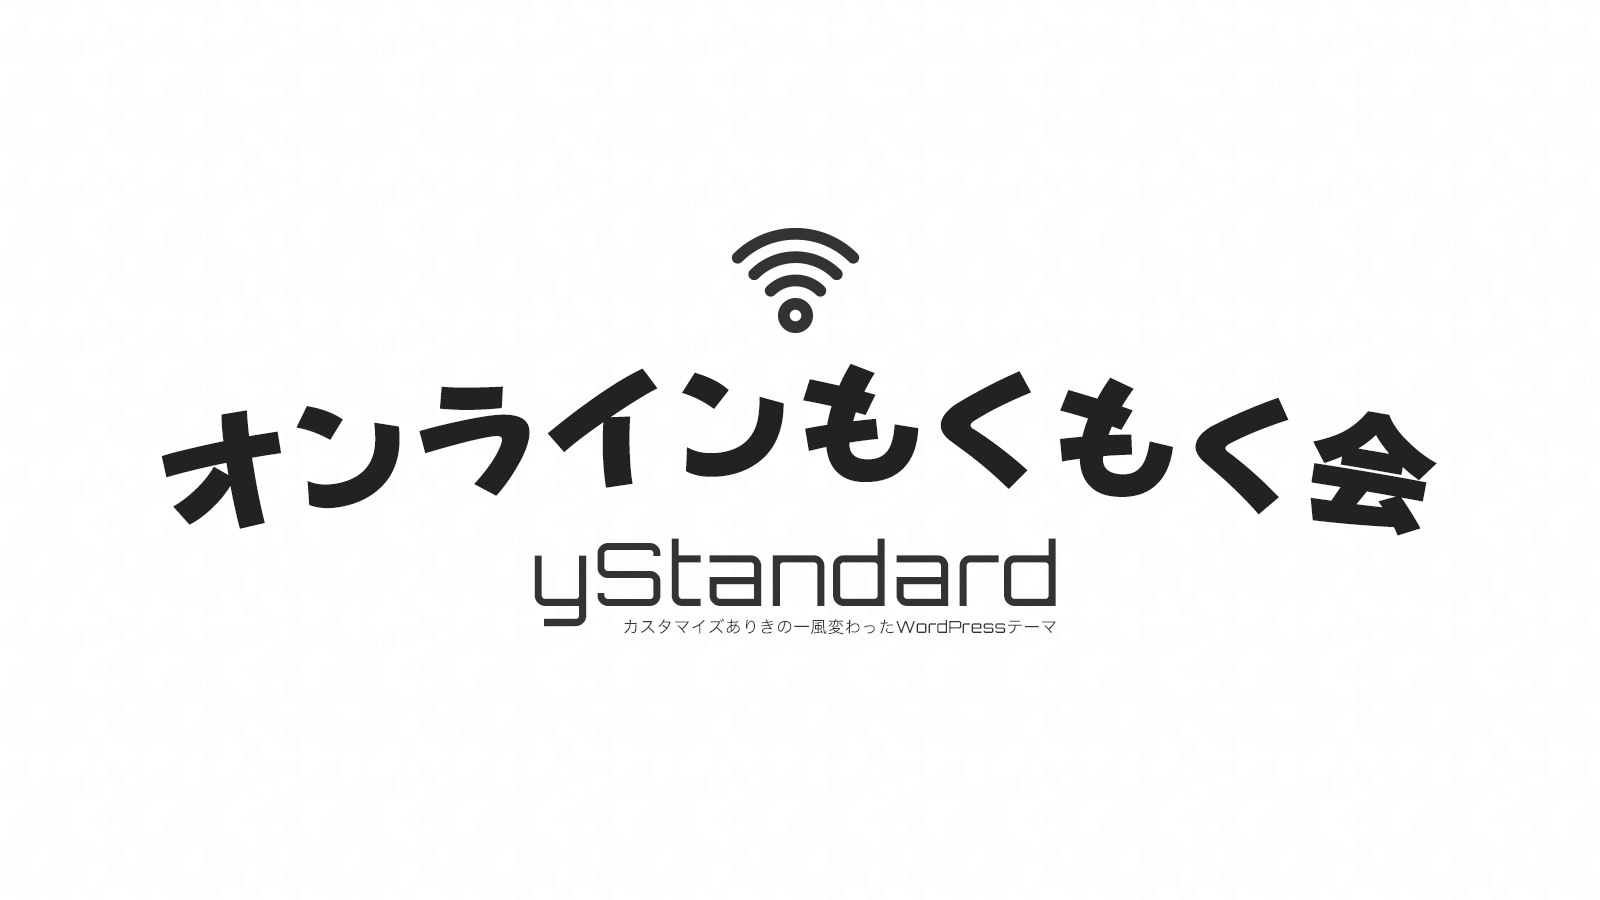 次回 yStandard オンラインもくもく勉強会は9月29日 13:30~